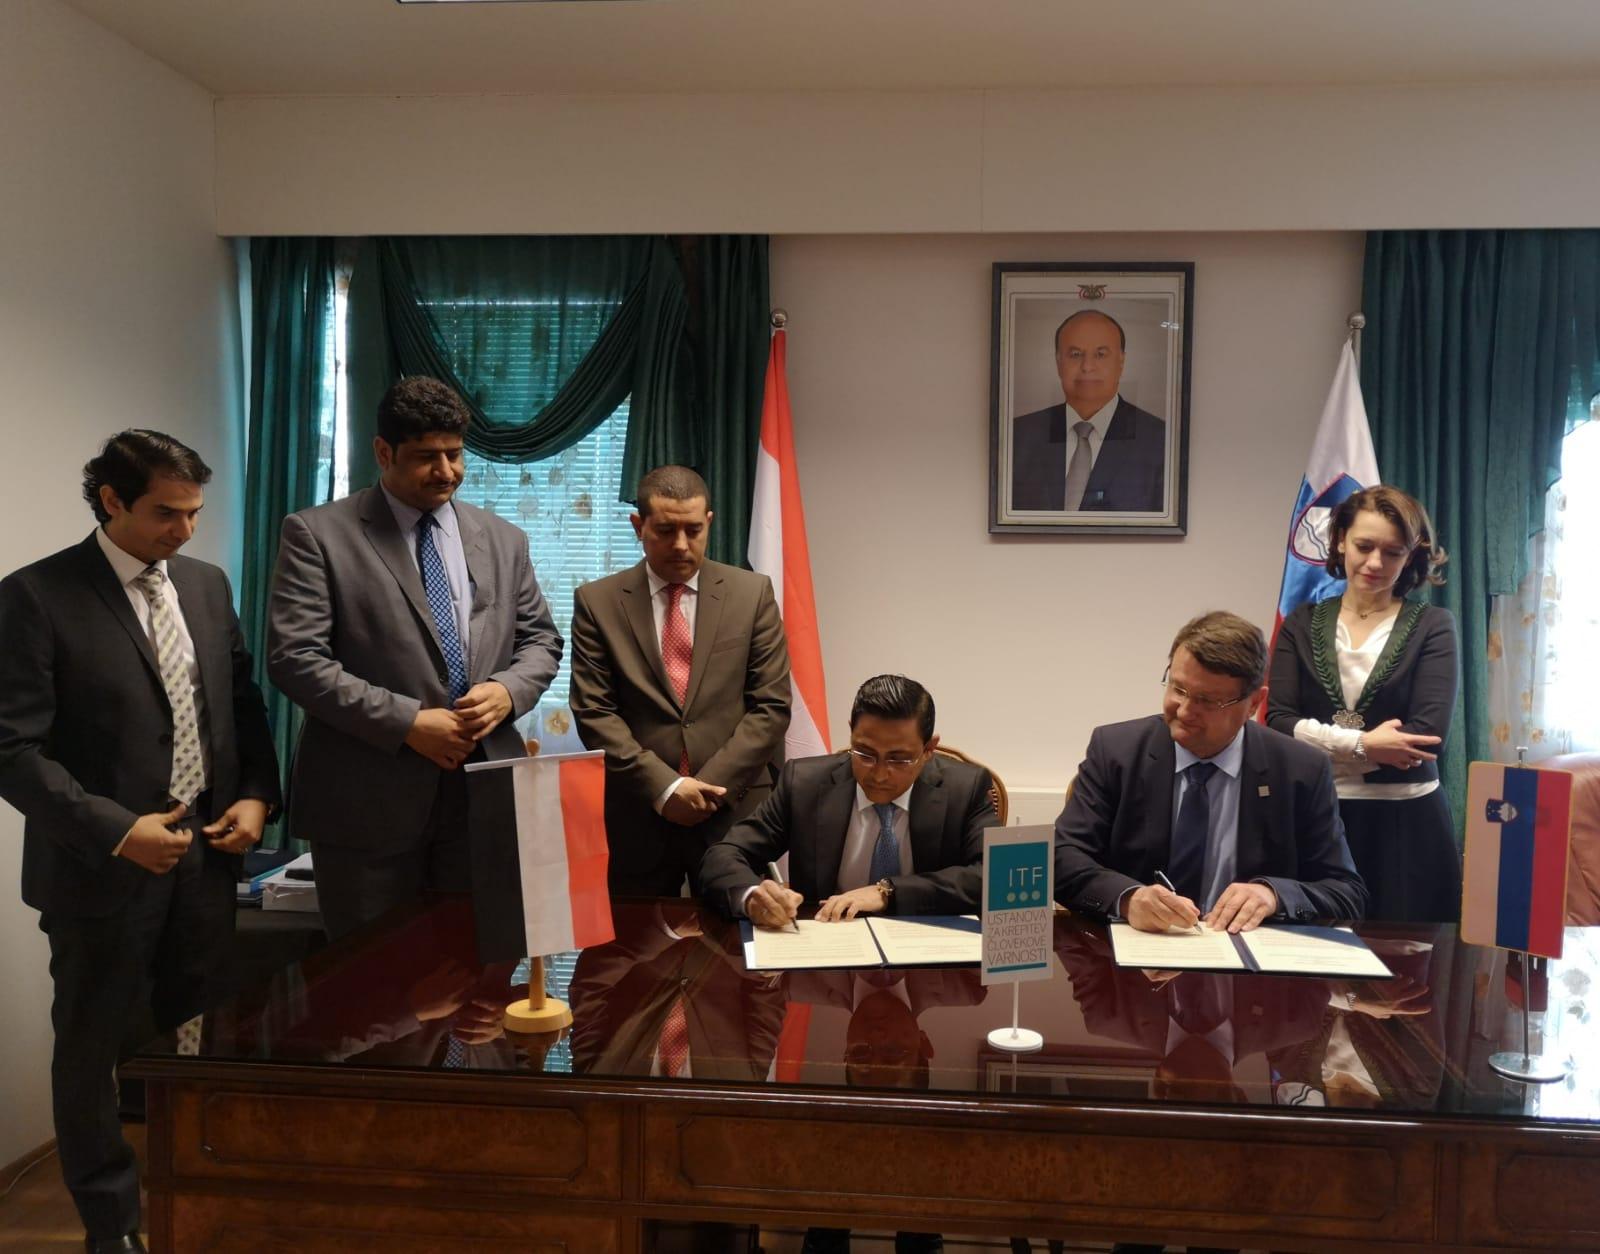 مؤسسة سلوفينية ستنفذ برامج لنزع الألغام في اليمن وعلاج ضحاياها من الأطفال